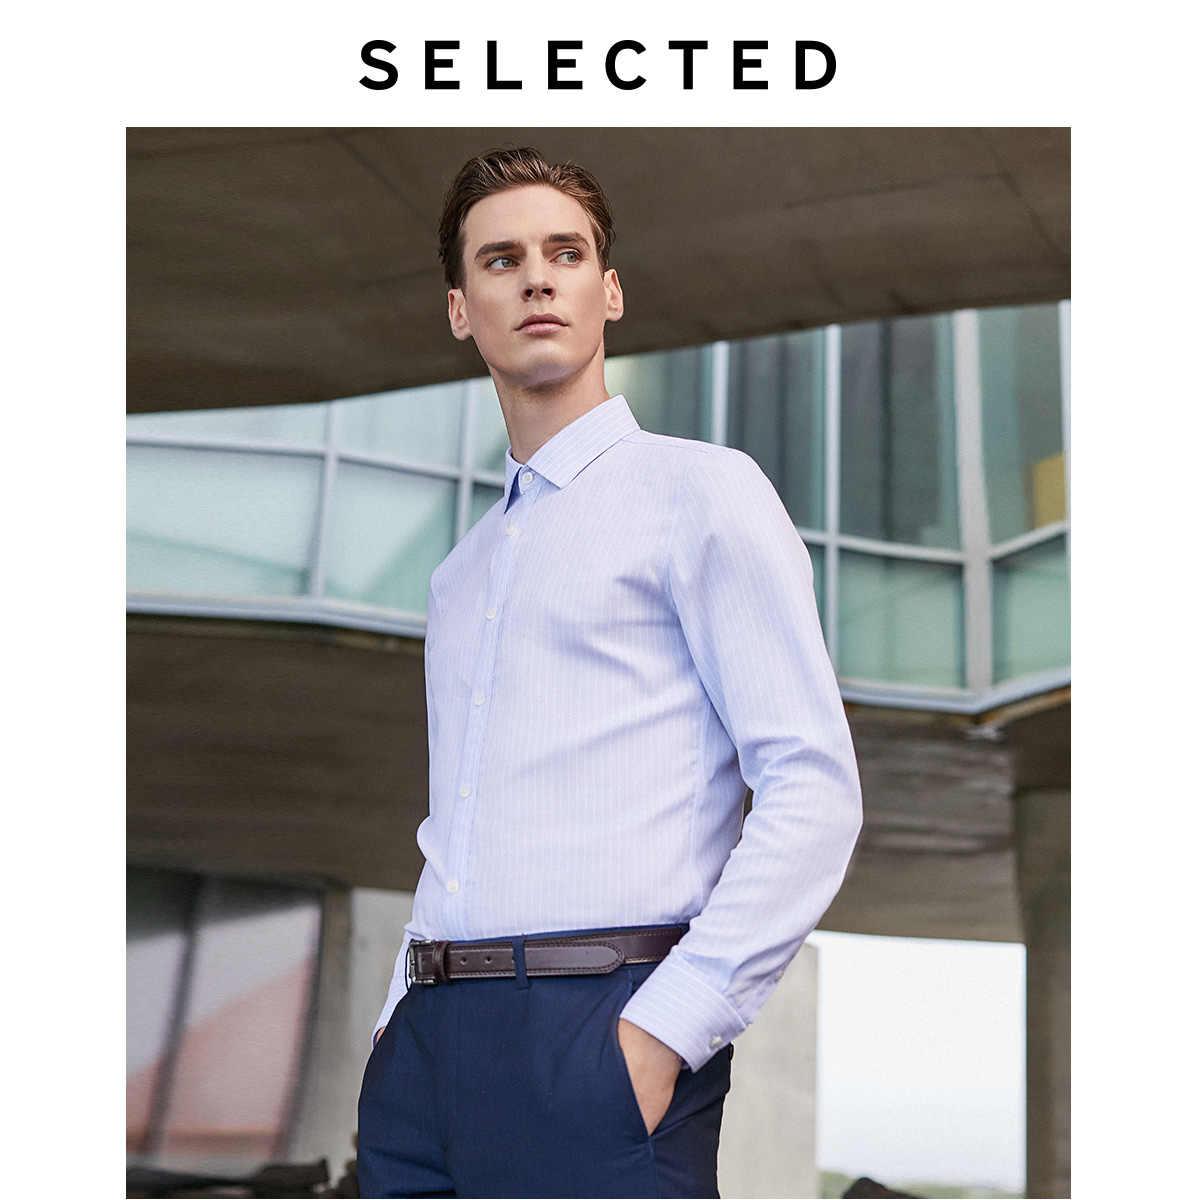 SELECTED 남성 100% 코튼 레귤러 슬림 피트 스트 라이프 비즈니스 긴팔 셔츠 T | 419305576